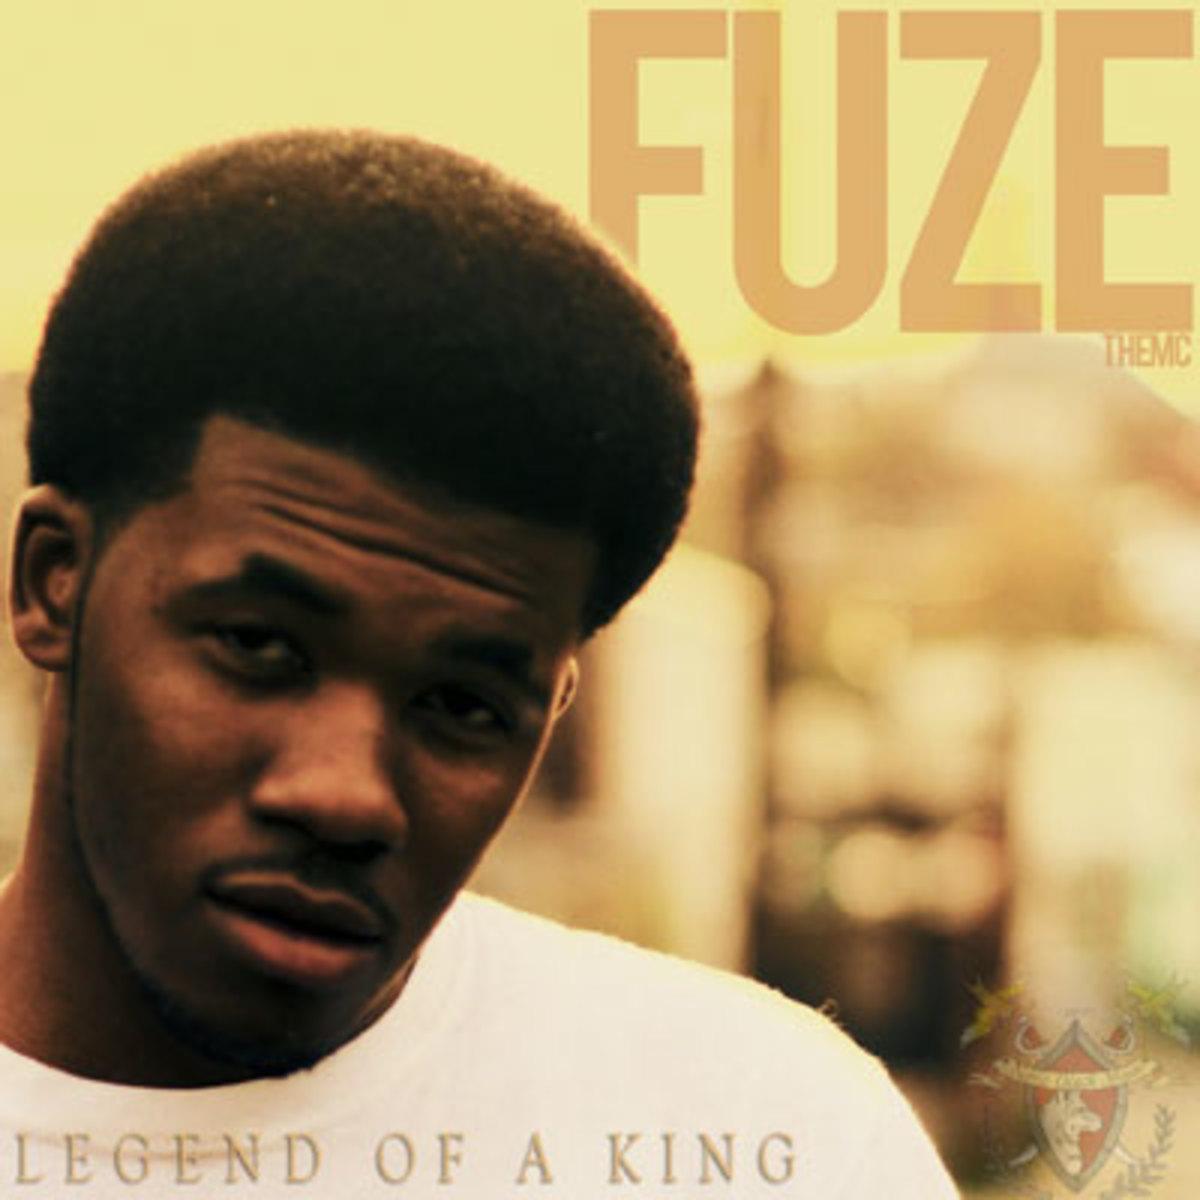 fuze-legendof.jpg